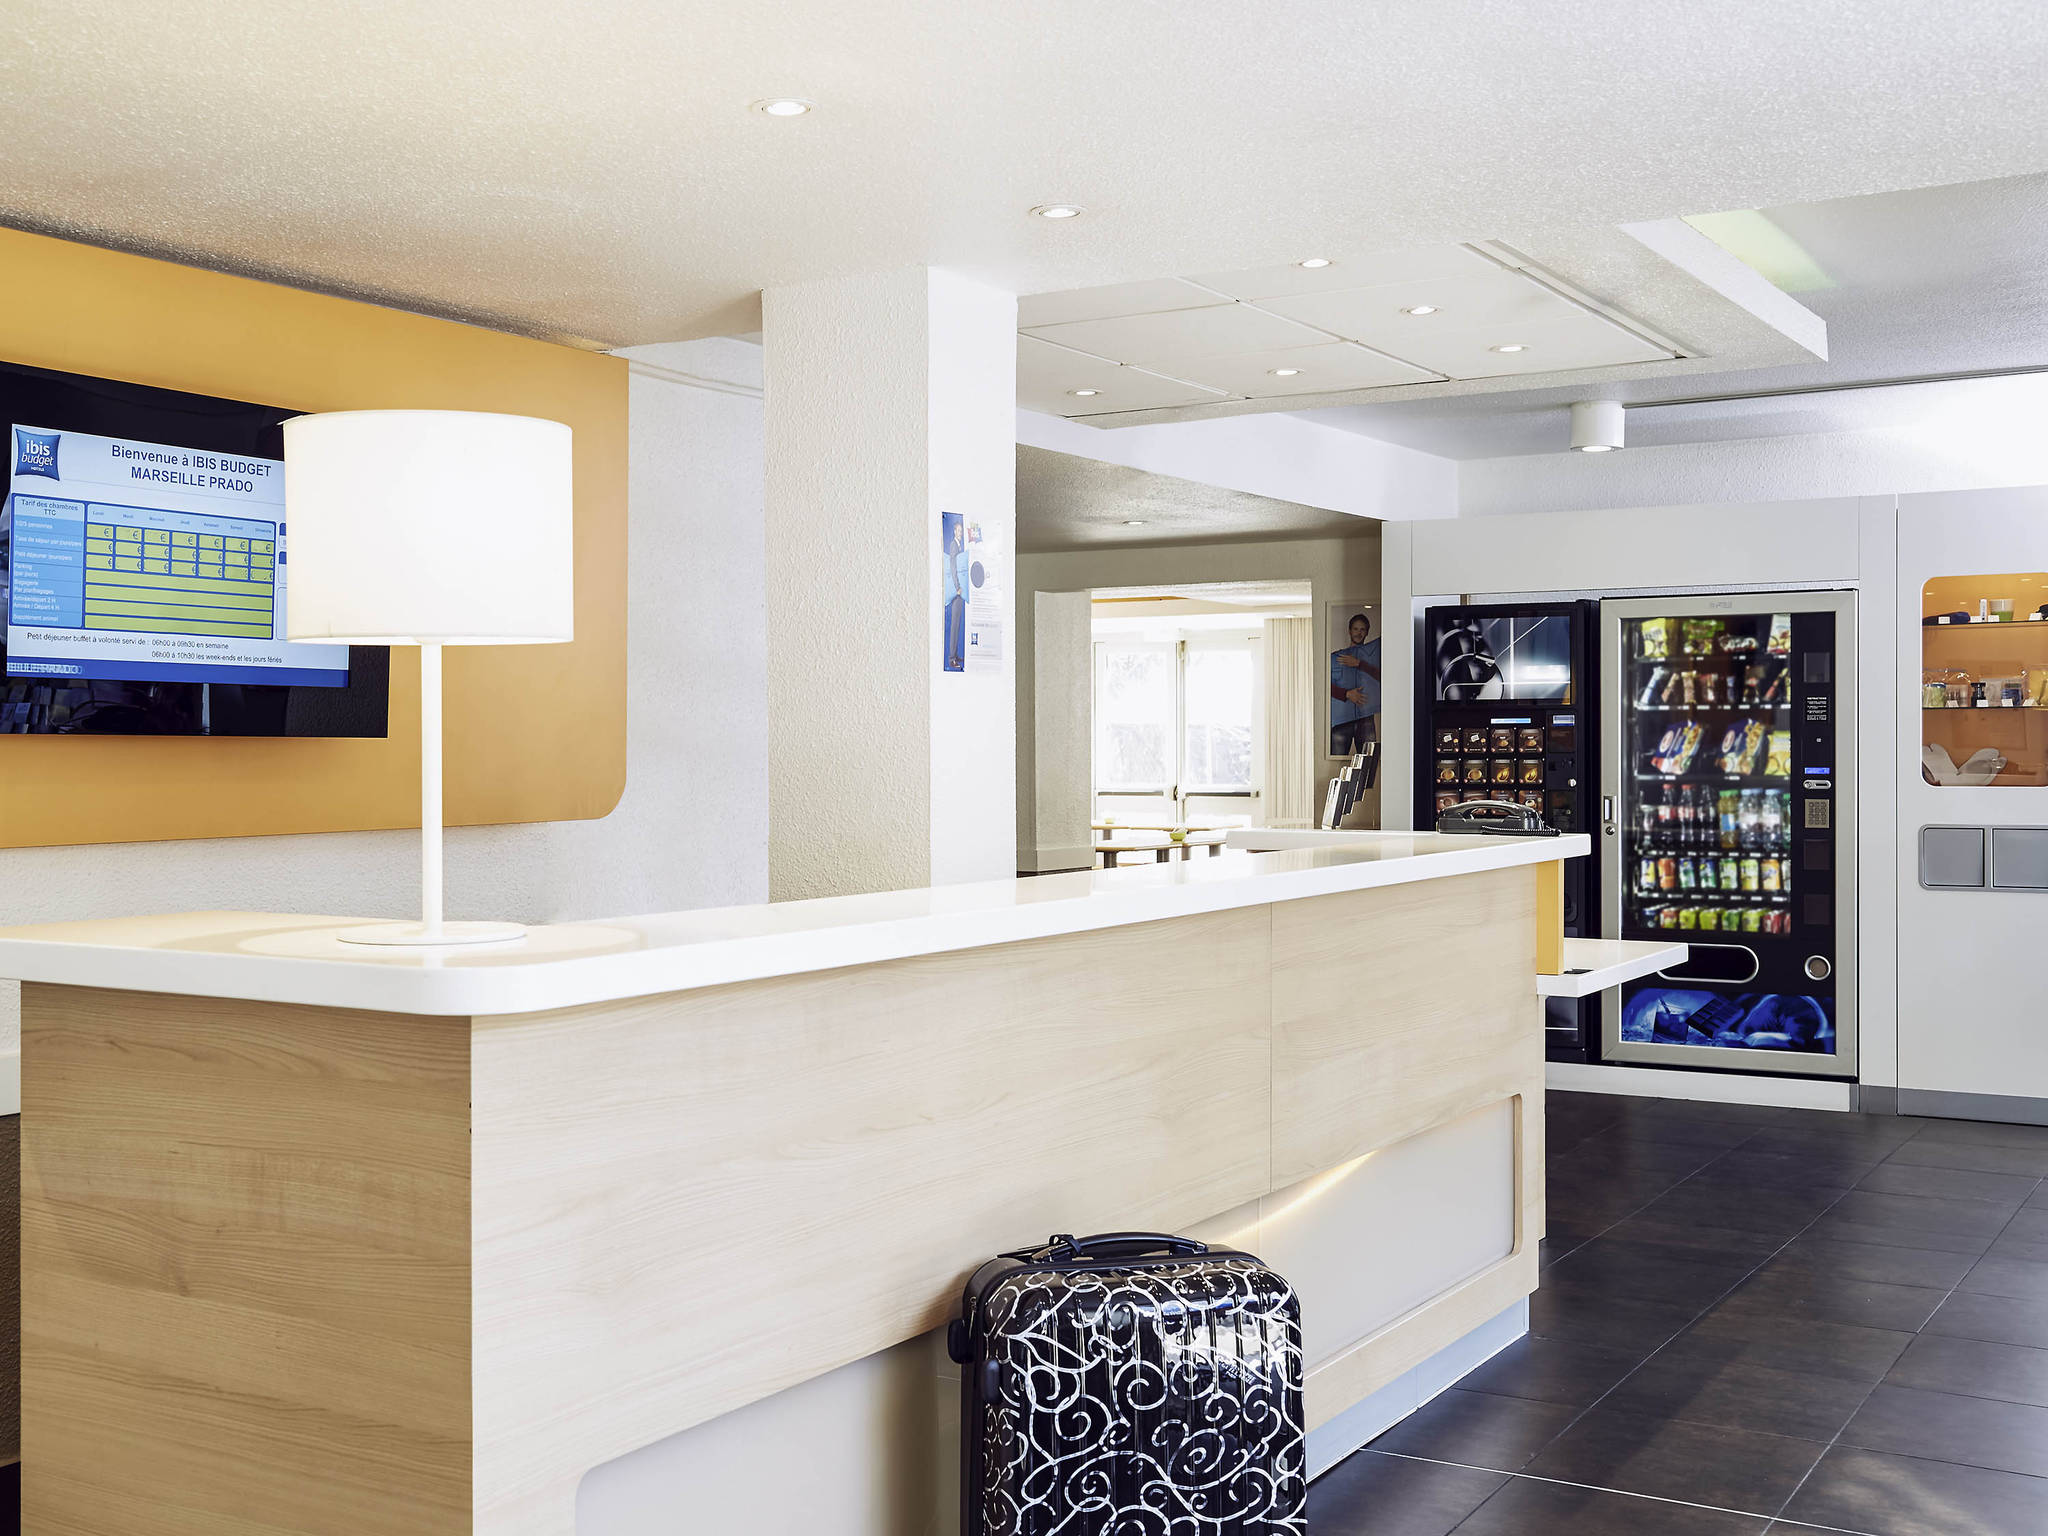 Hotel – ibis budget Marselha Prado Parque de Exposições